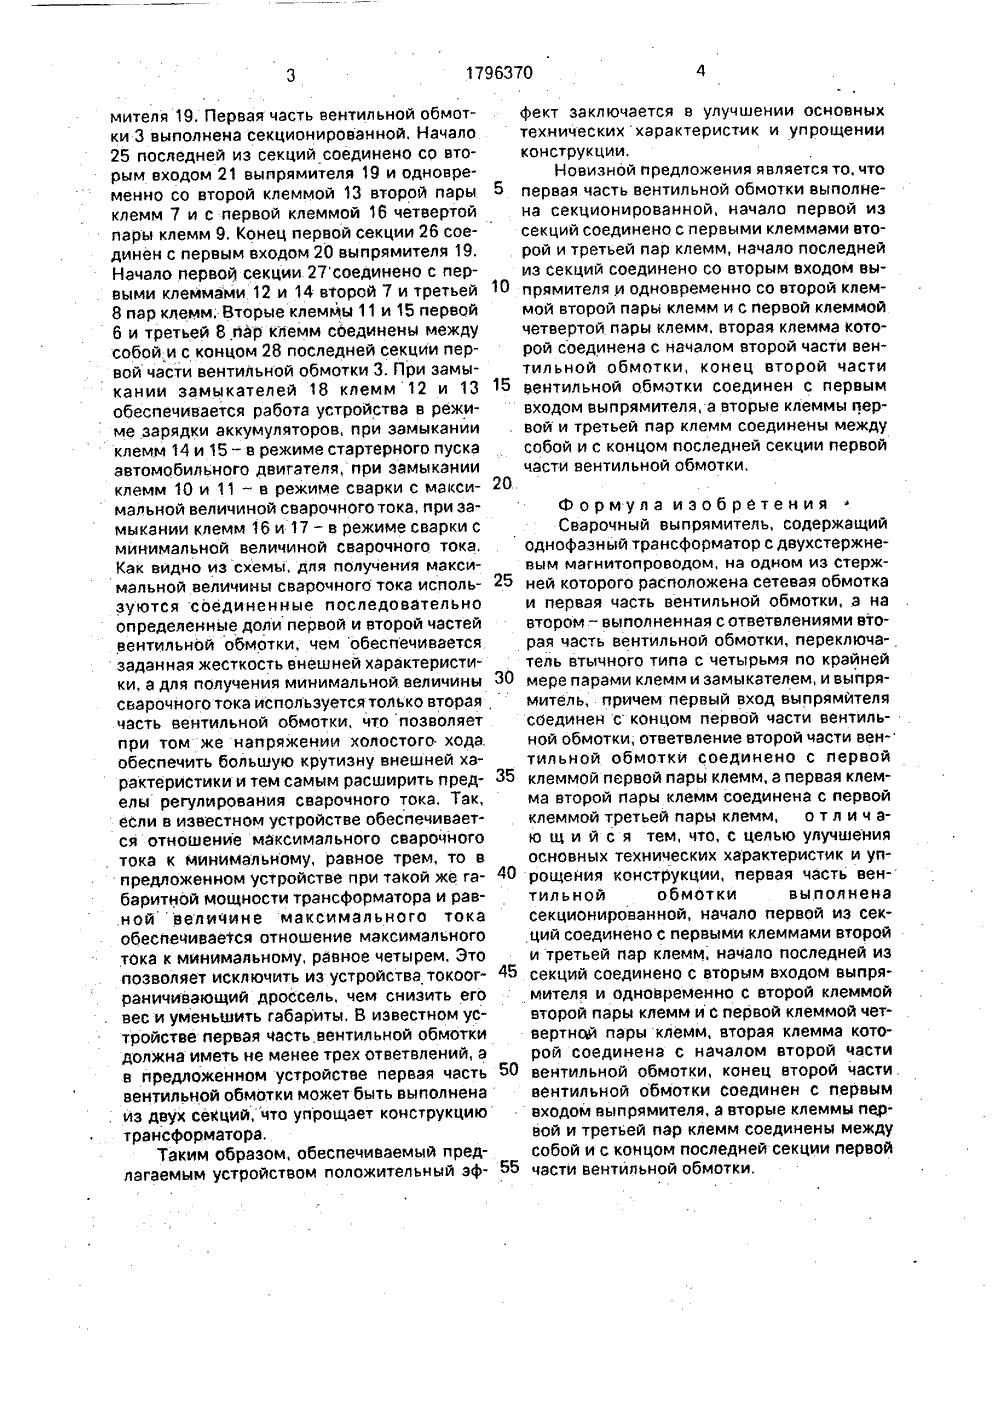 сварочный выпрямитель универсал вд-0801уз инструкция